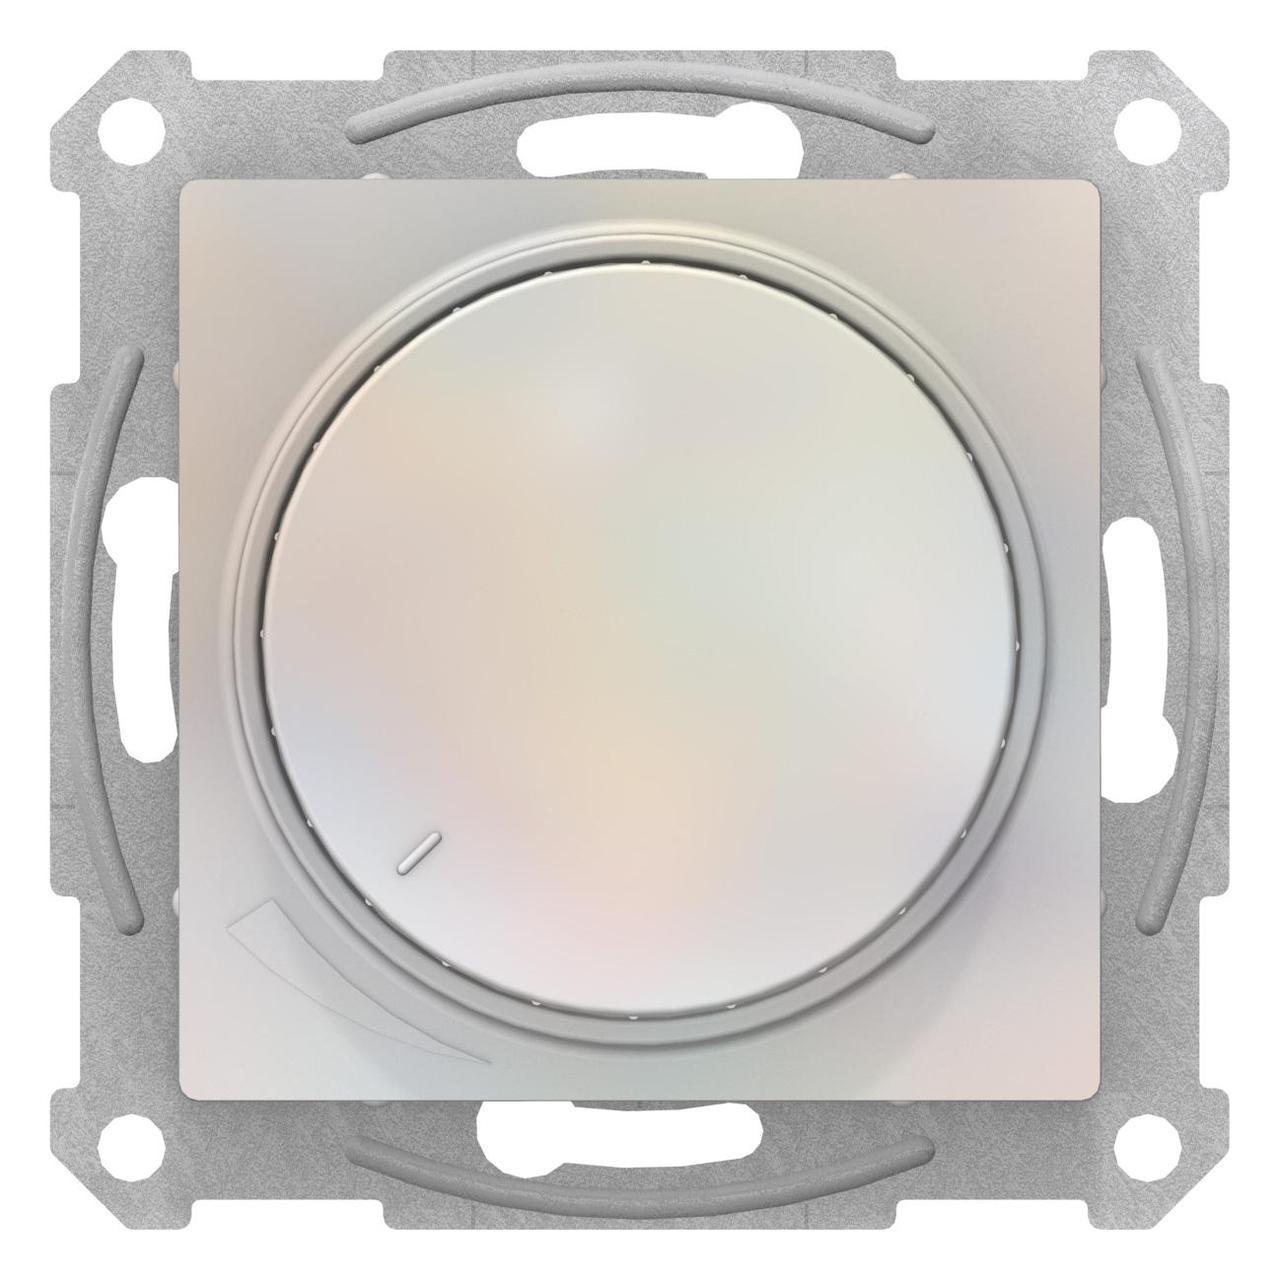 Диммер поворотно-нажимной , 300Вт для ламп накаливания , Жемчуг, серия Atlas Design, Schneider Electric